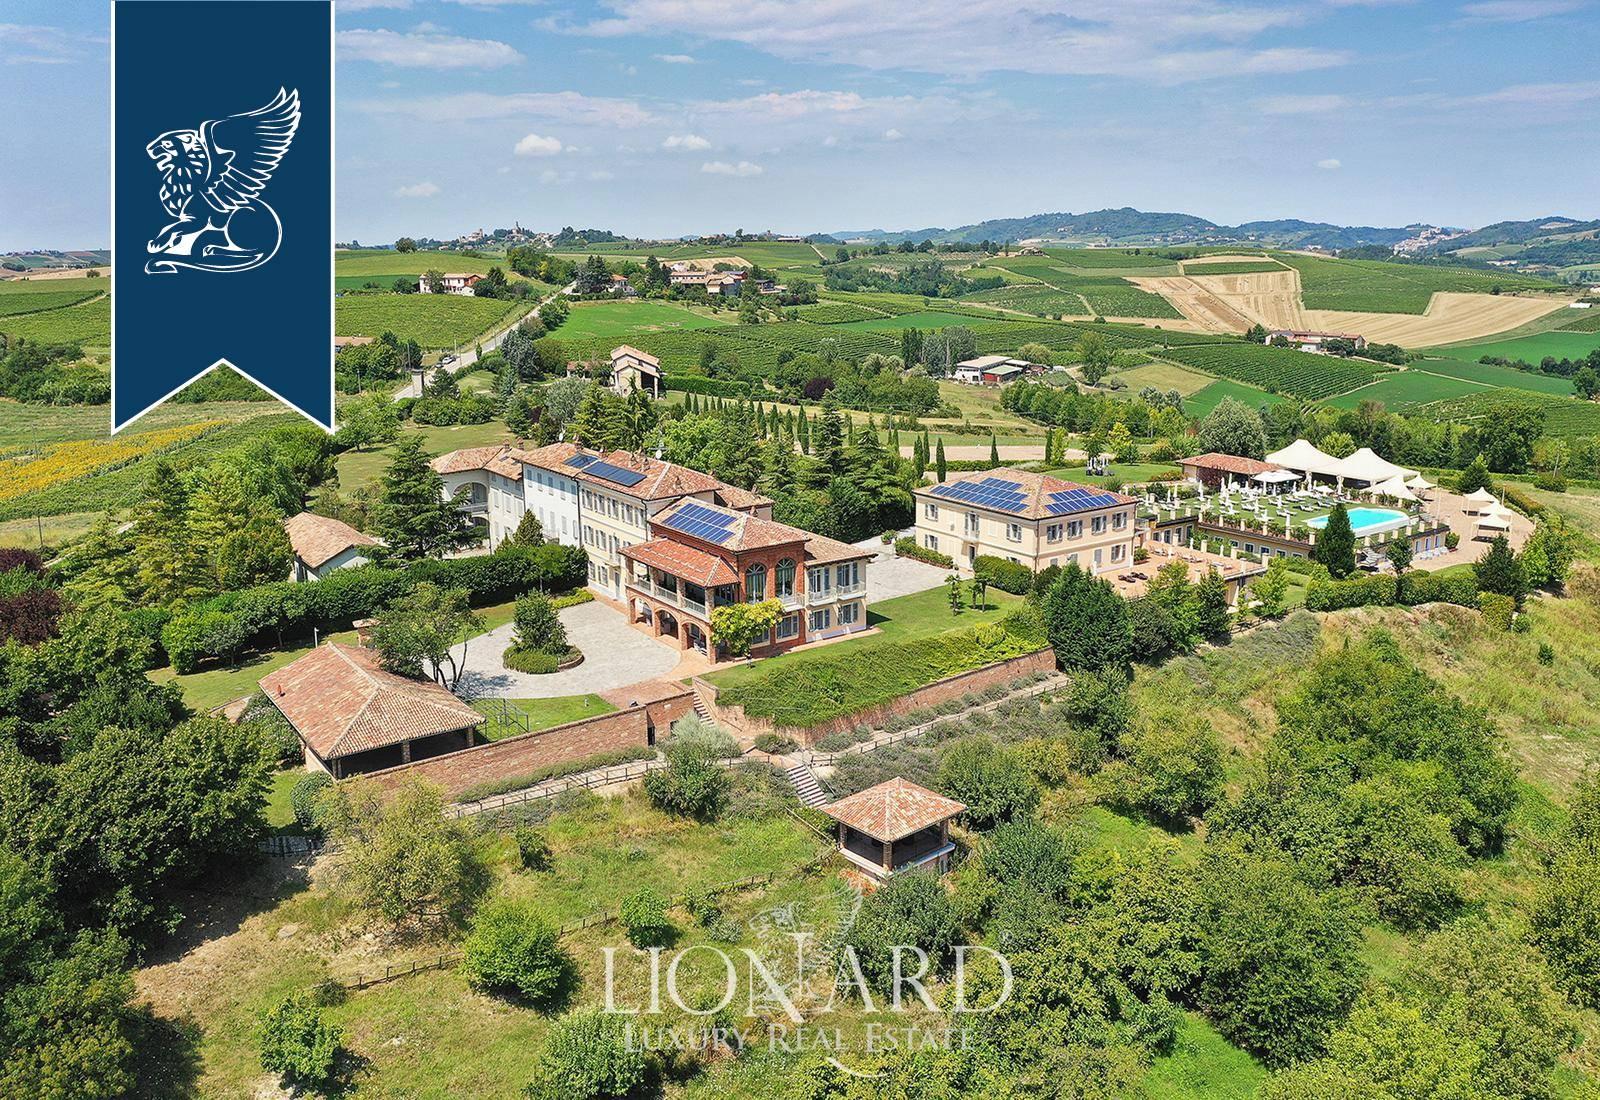 Albergo in Vendita a Vignale Monferrato: 0 locali, 5700 mq - Foto 1